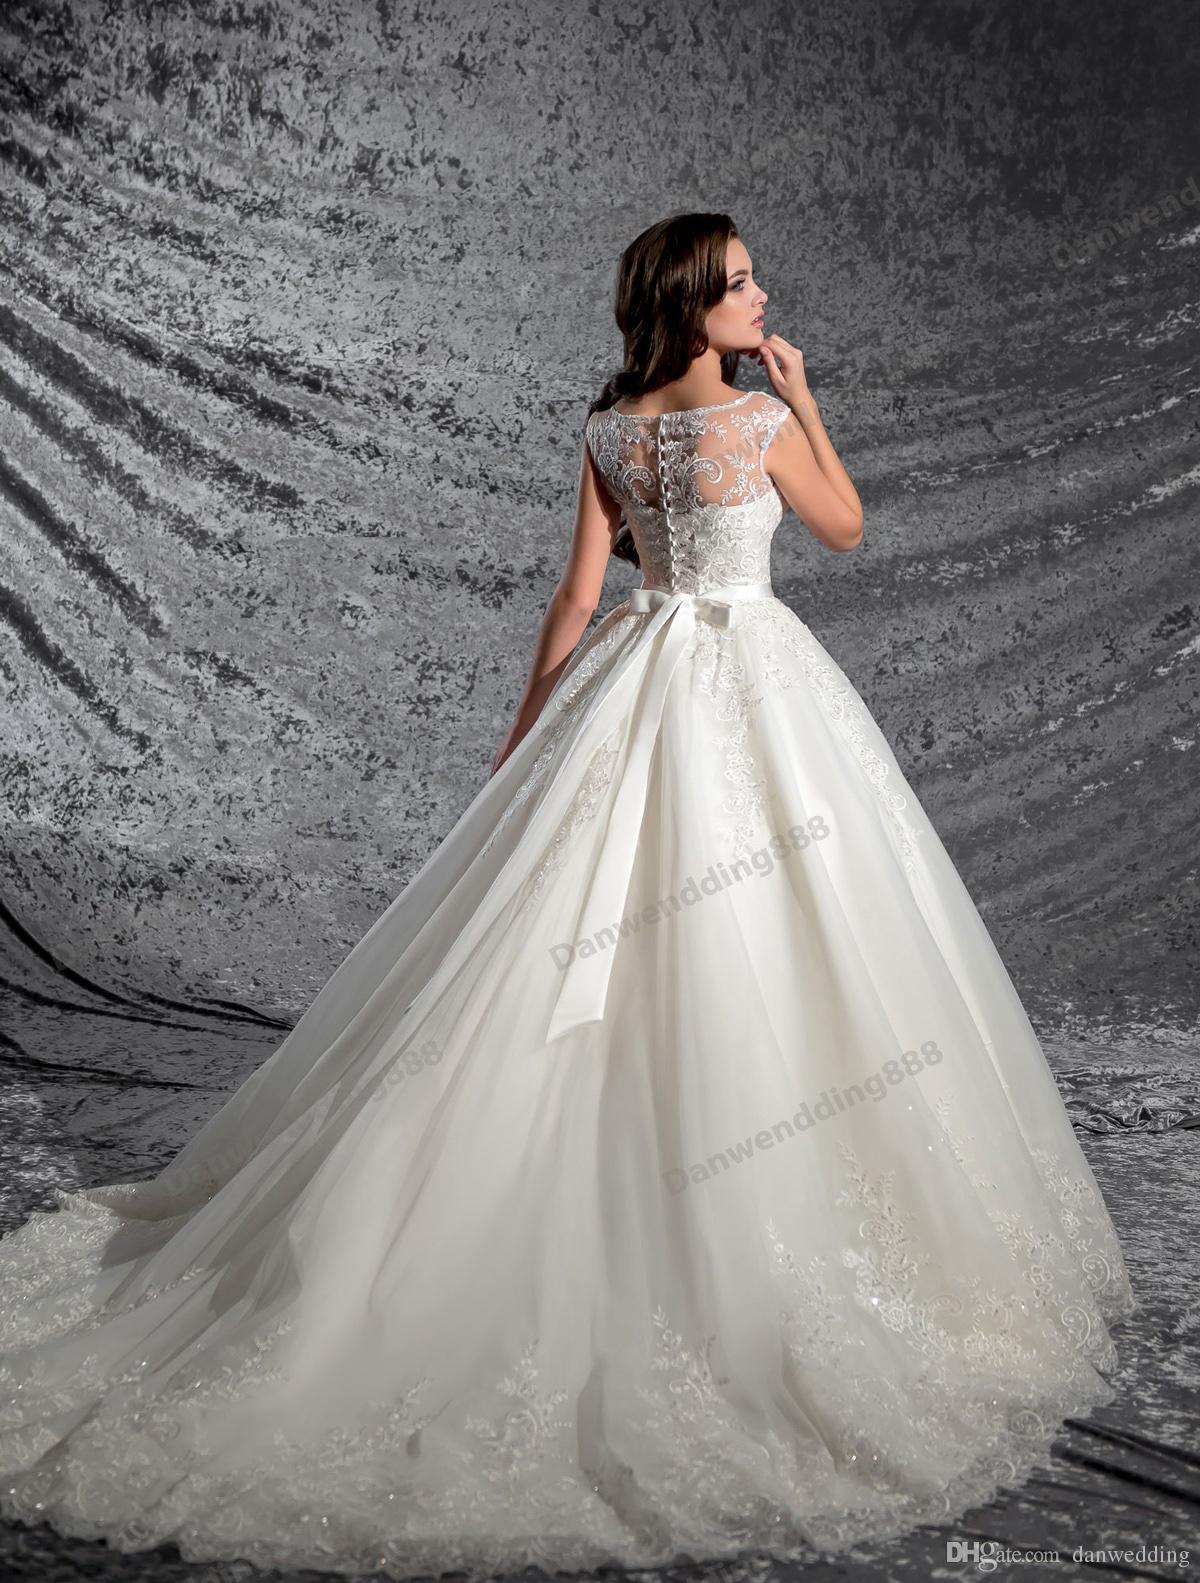 Grace Ivory Tulle Scoop apliques perlas una línea de vestidos de novia nupcial desfile vestidos de boda Vestidos tamaño personalizado 2-16 ZW606012